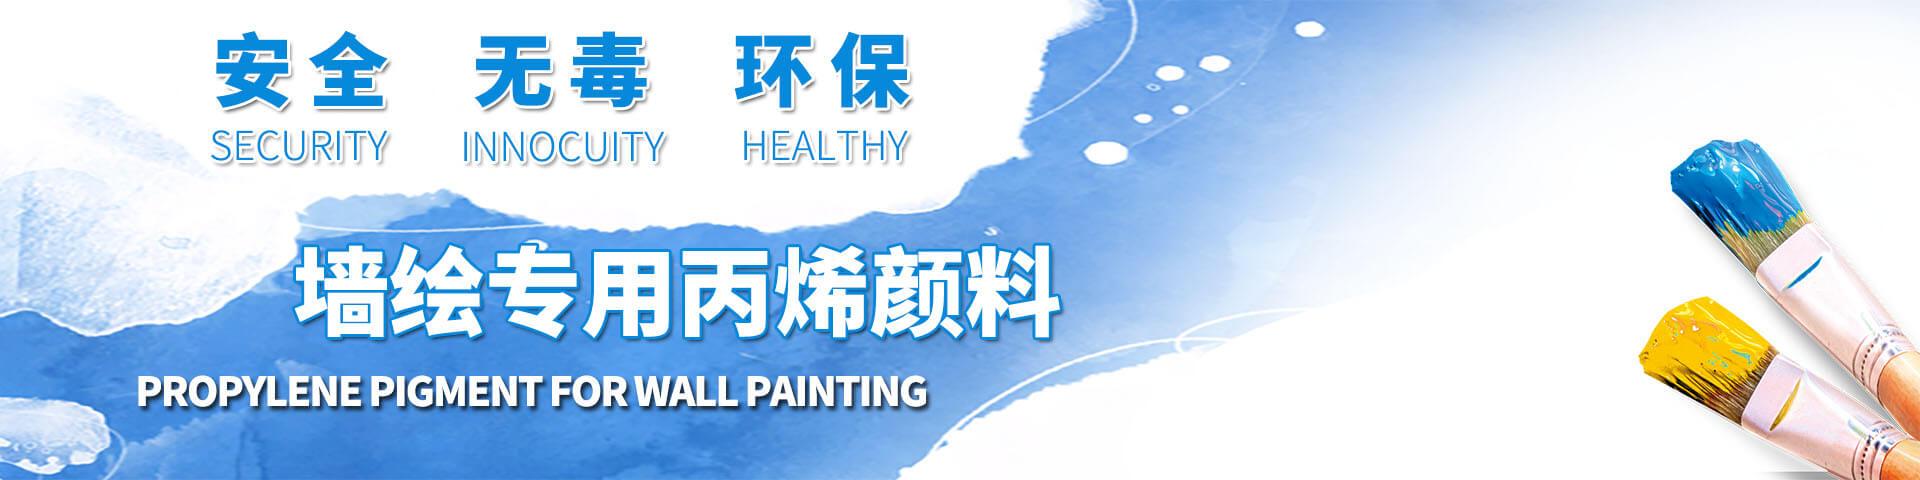 赣州墙体彩绘在各县的分布图